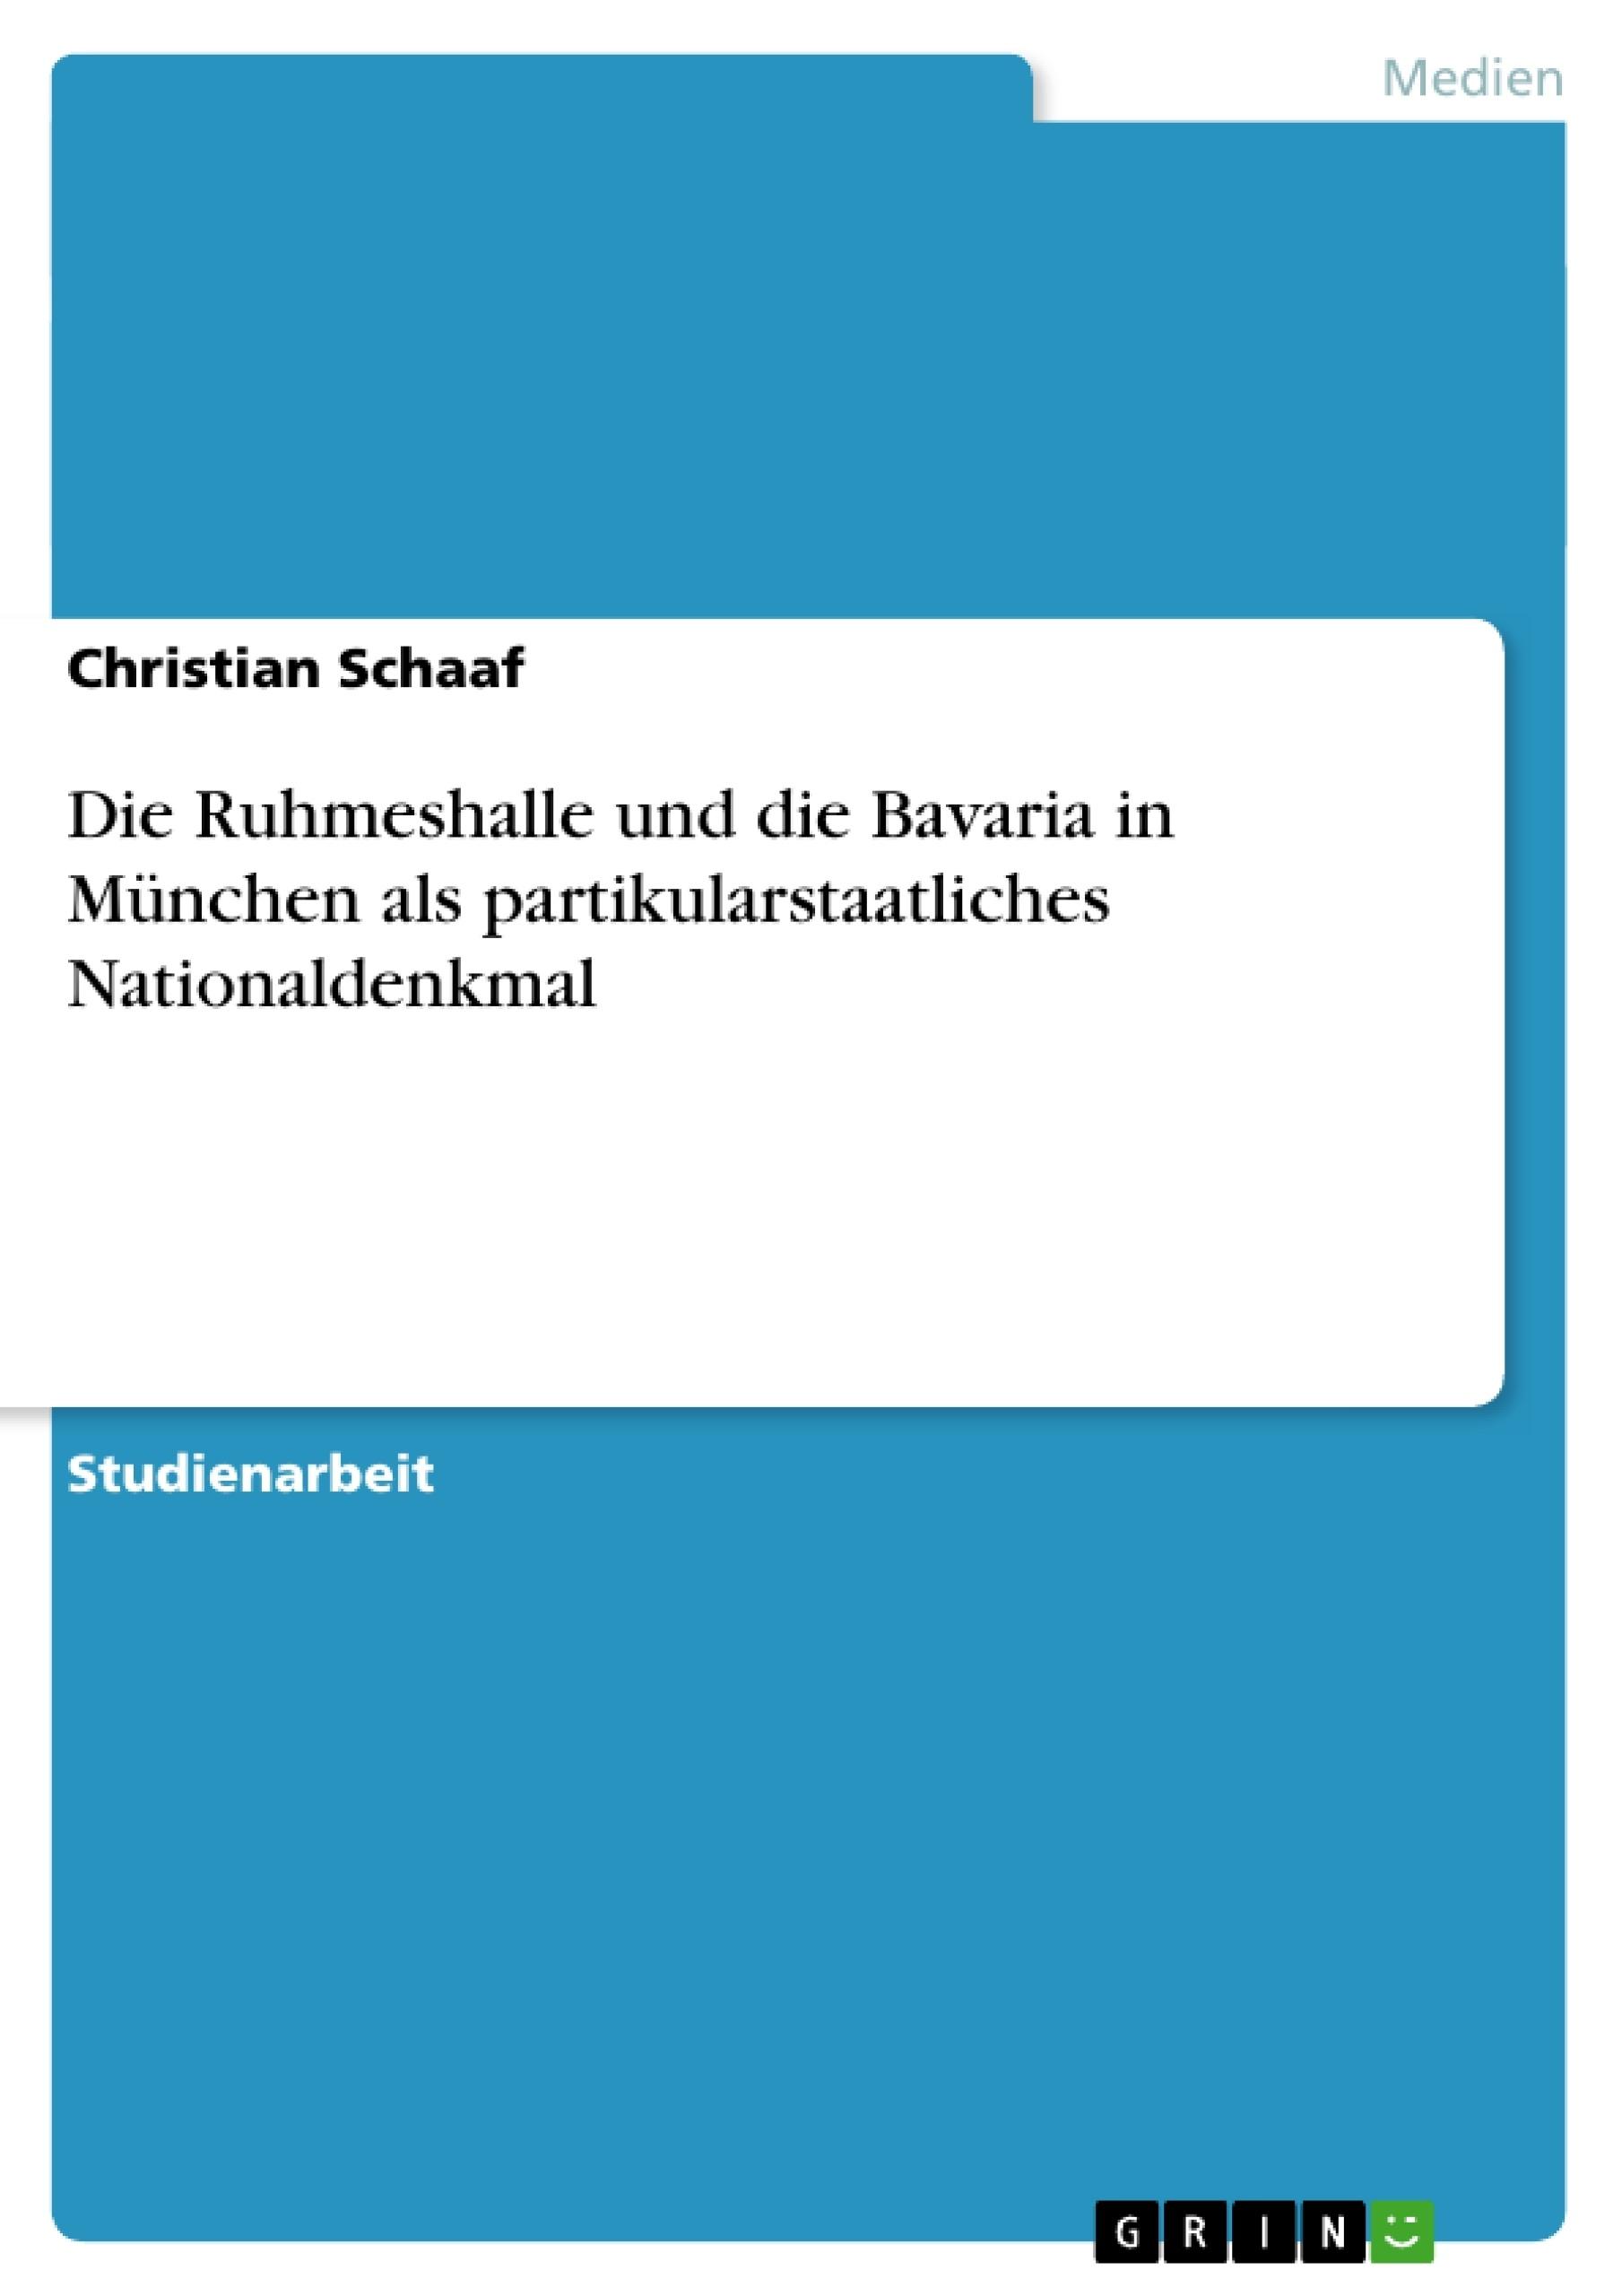 Titel: Die Ruhmeshalle und die Bavaria in München als partikularstaatliches Nationaldenkmal